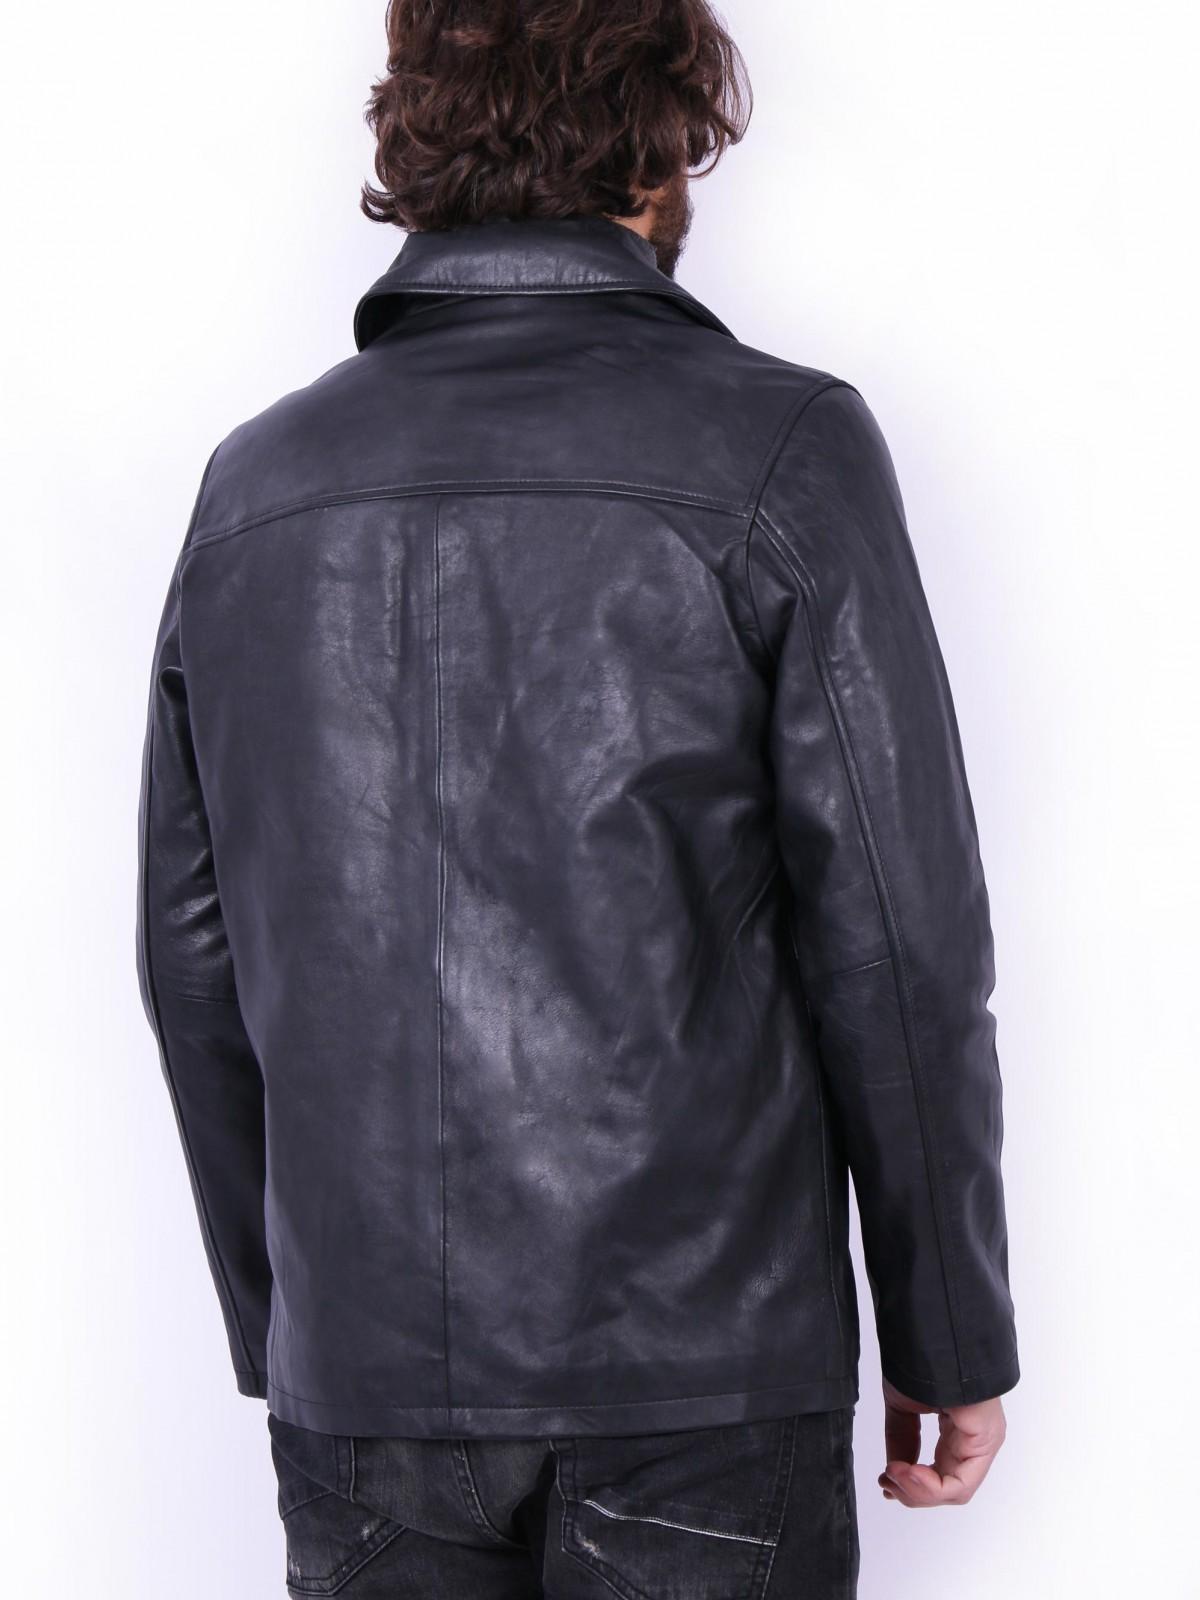 Frisco B Black. Genuine leather jacket for men